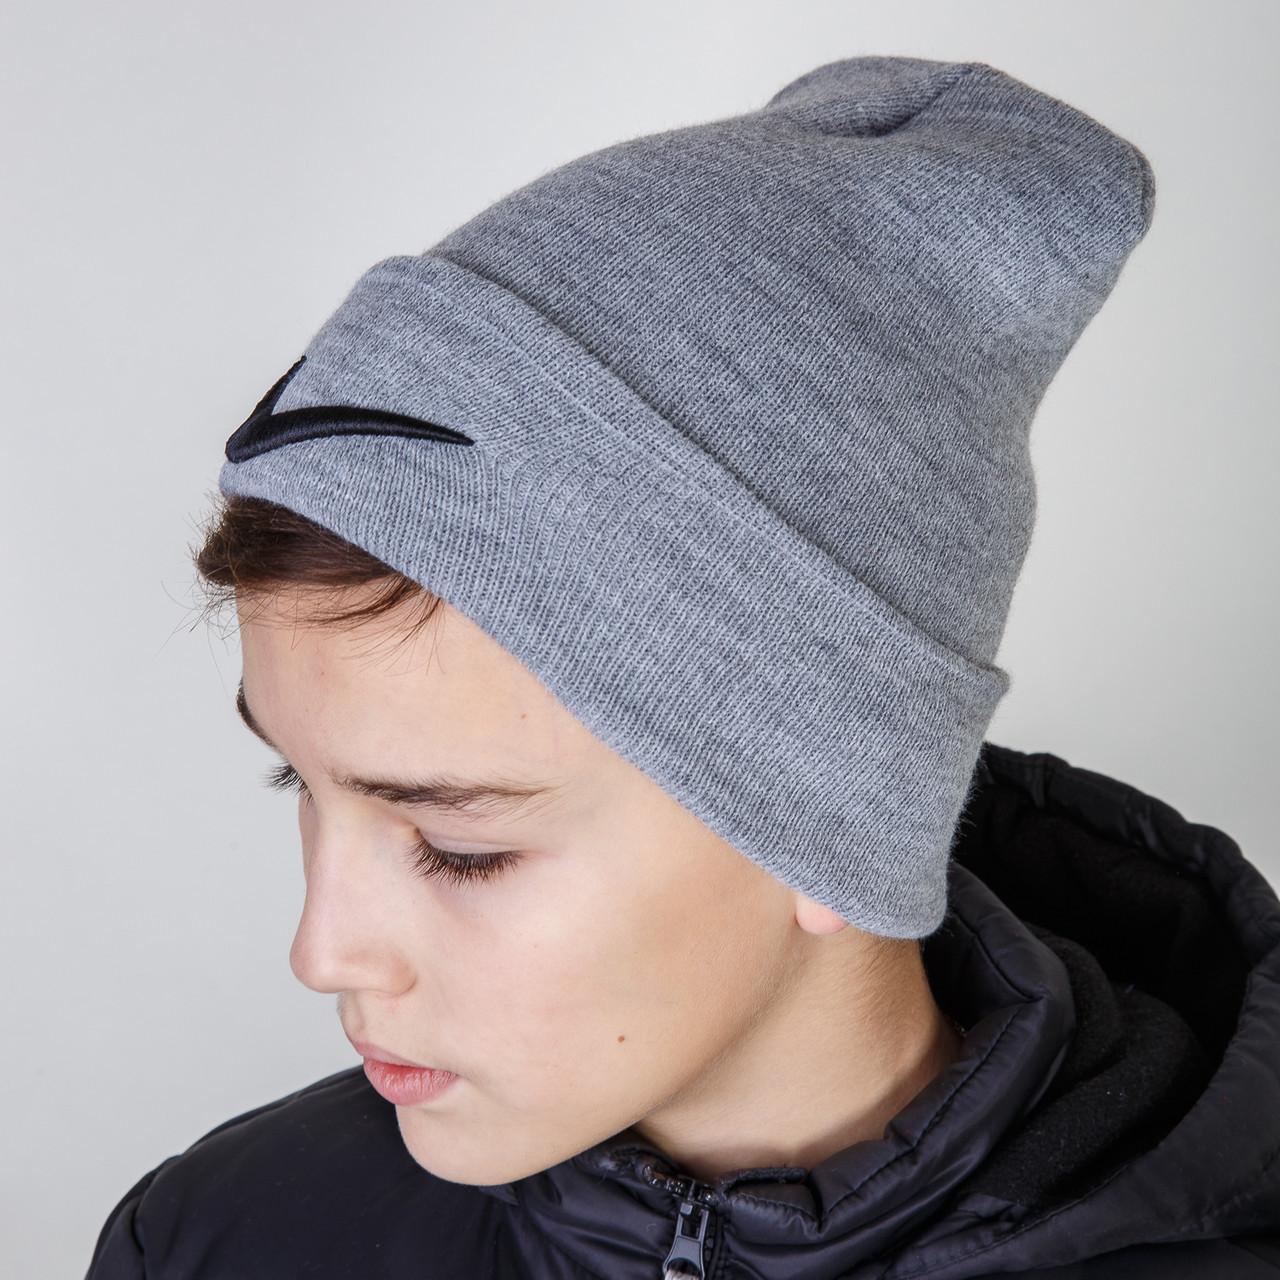 552beb86 Купить Спортивную зимнюю шапку Nike для мальчика в розницу - Артикул ...